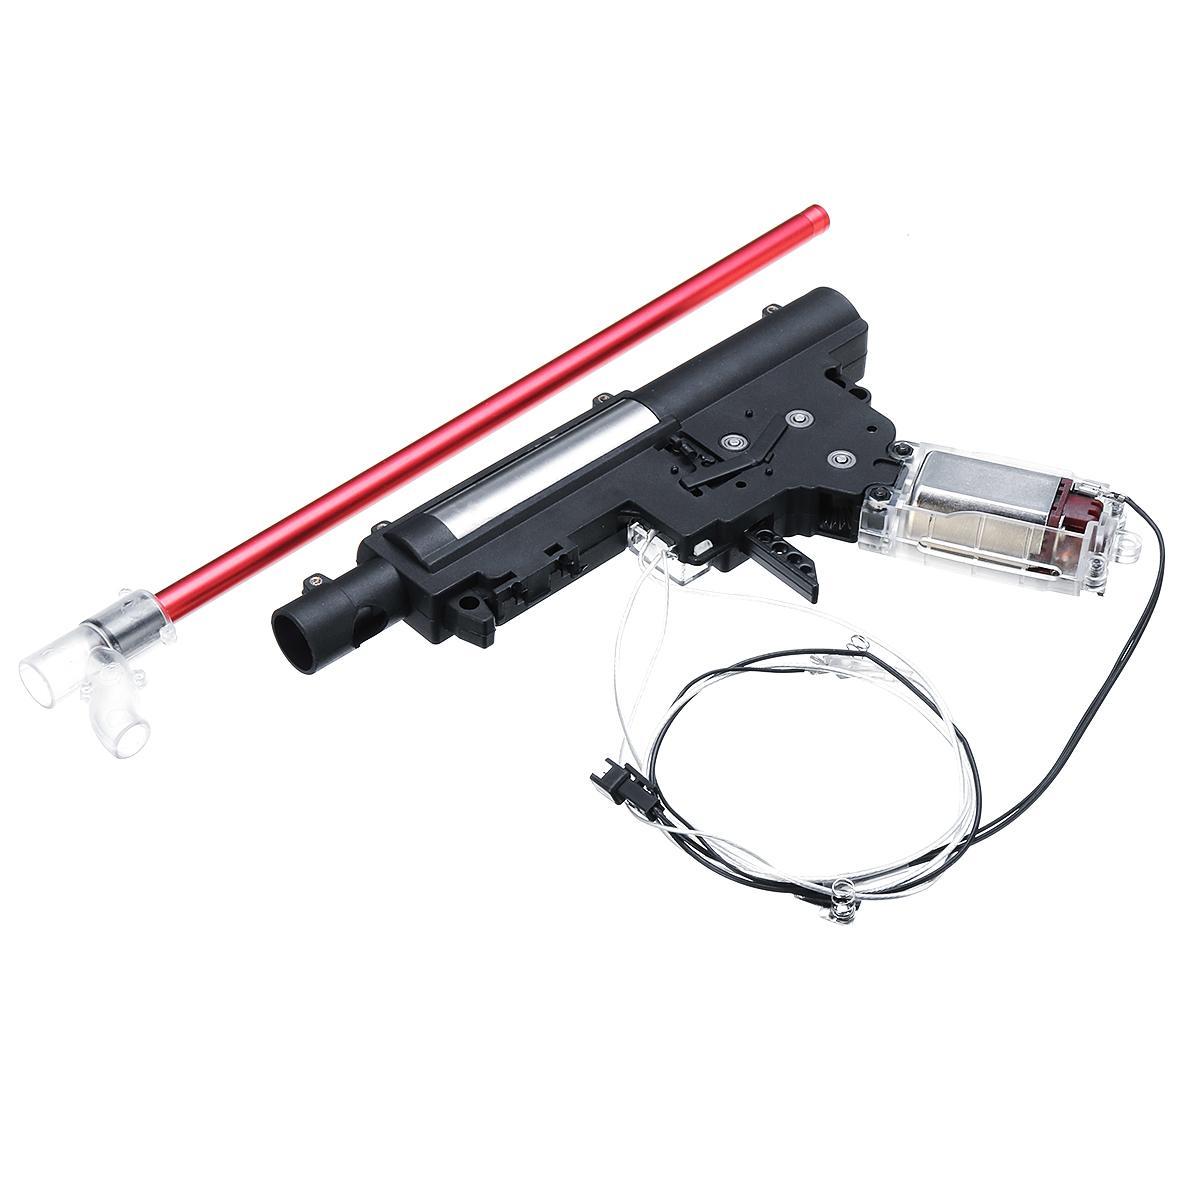 Atualização Kit Caixa de Velocidades para JinMing M4A1 Gen8 Jateamento De Água Bola Gel Substituição Acessórios do Brinquedo Água Gu ns Nylon Kit De Caixa De Velocidades